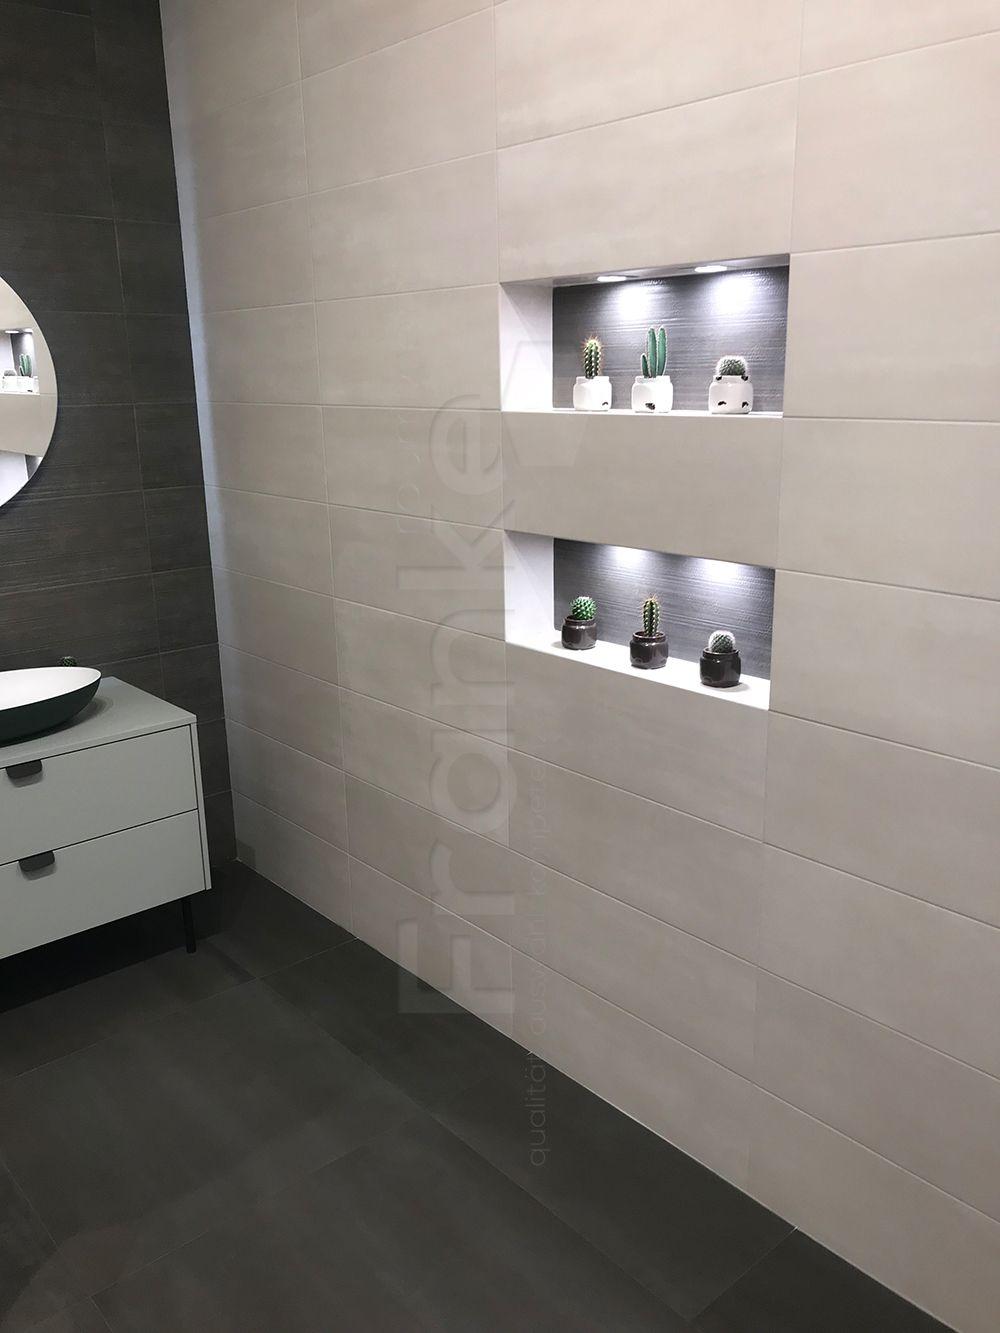 Wand Und Bodenfliese Von Fliesen Muster Gestaltung Badezimmer Bodenfliesen Badezimmer Fliesen Beige Badezimmer Fliesen